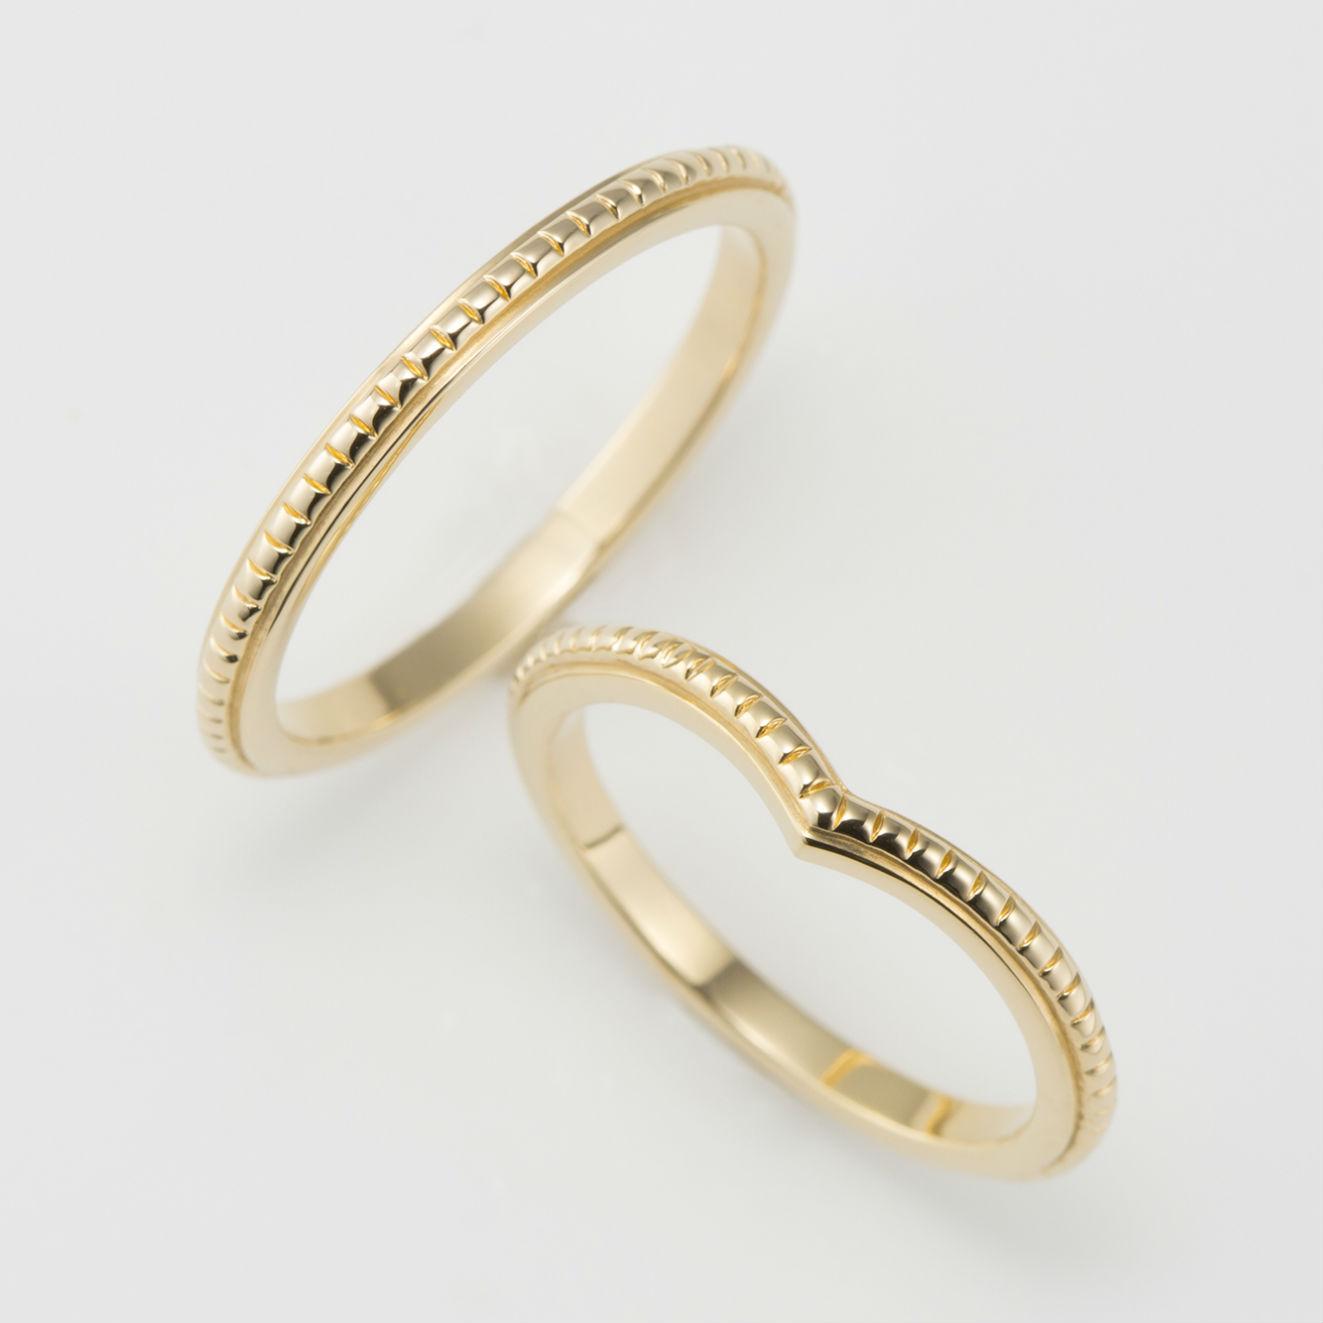 ミルグレイン イエローゴールド 結婚指輪